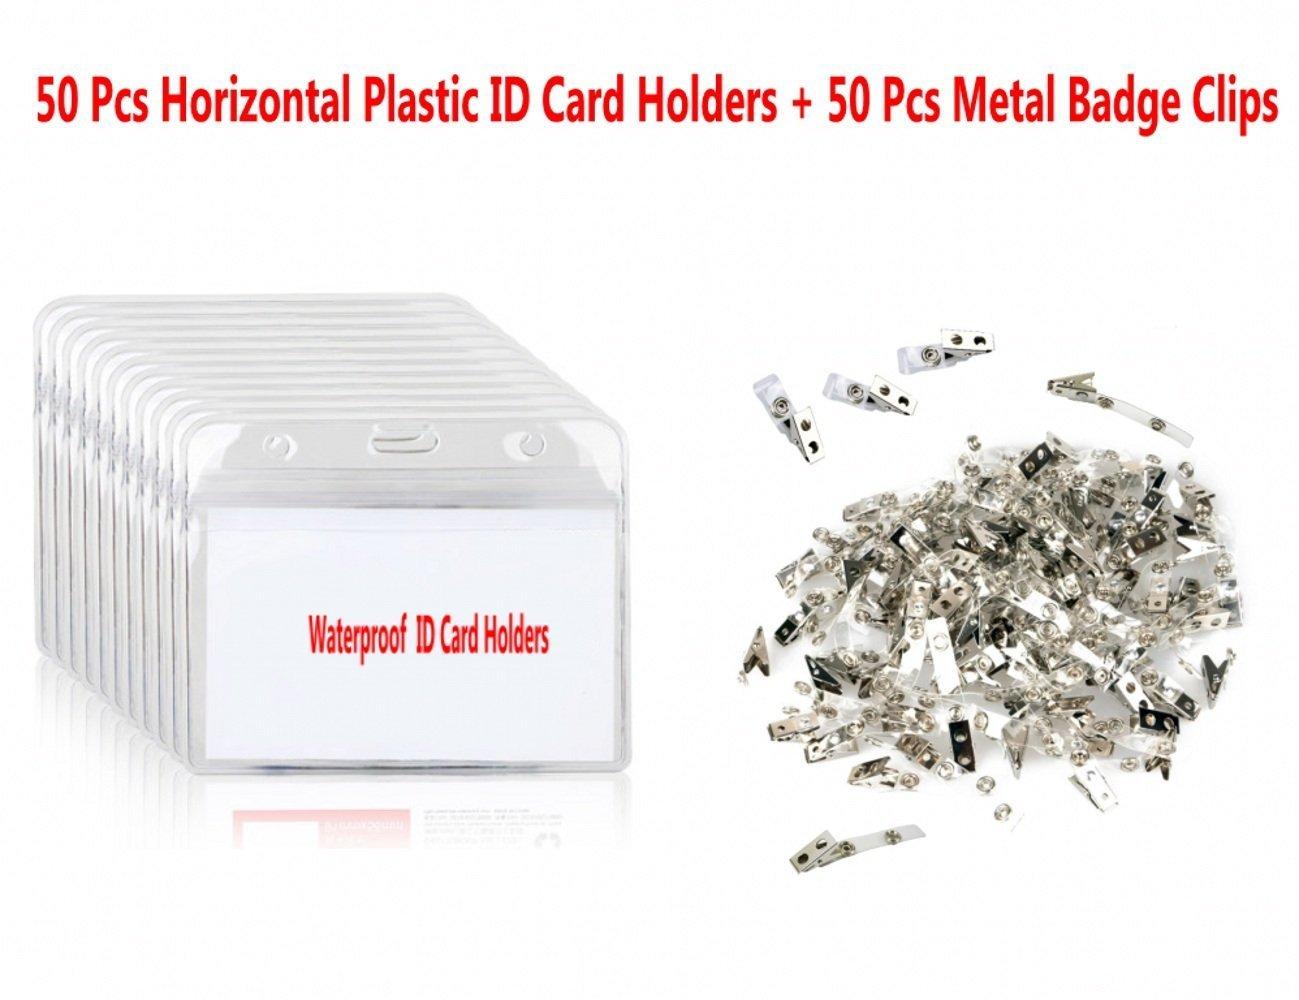 Sunreek 50pcs en plastique transparent horizontal Nom Tag badge carte d\'identité Supports et 50pcs en métal avec clips pour badge d\'identification en PVC Sangles pour exposition, à l\'école, conférence carte d\'identité et nom Tag badge à l' école